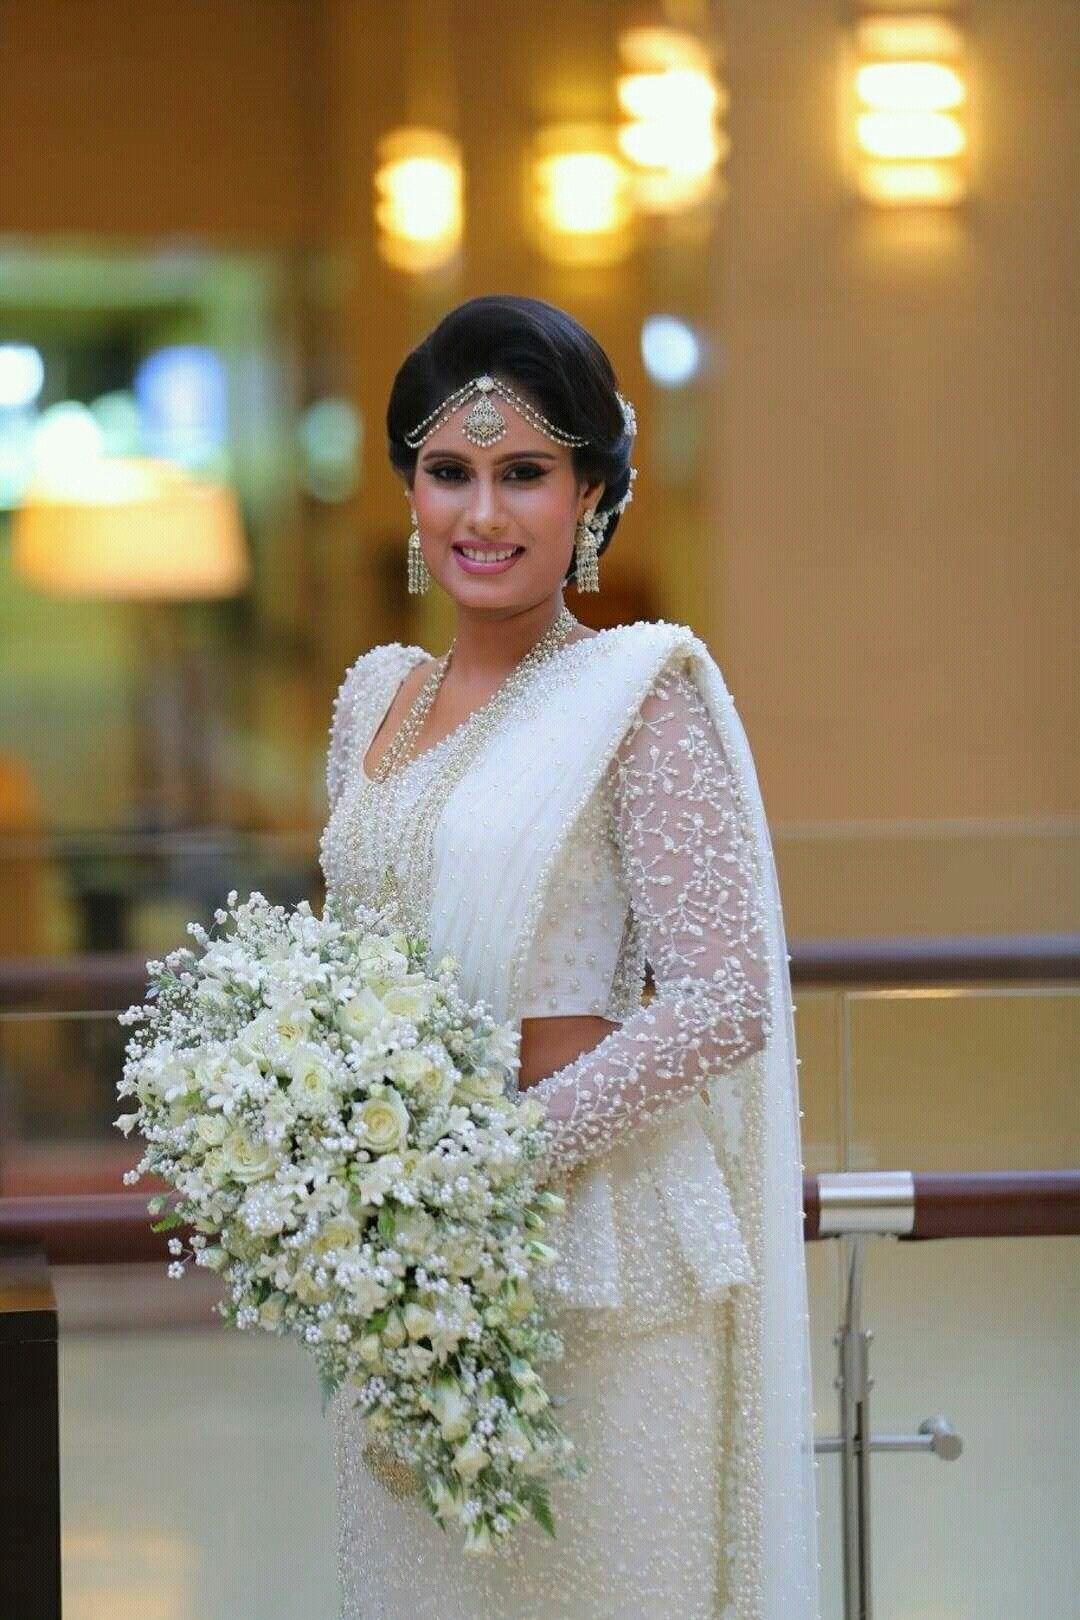 dressed dhananjaya bandara | kandyan brides in 2019